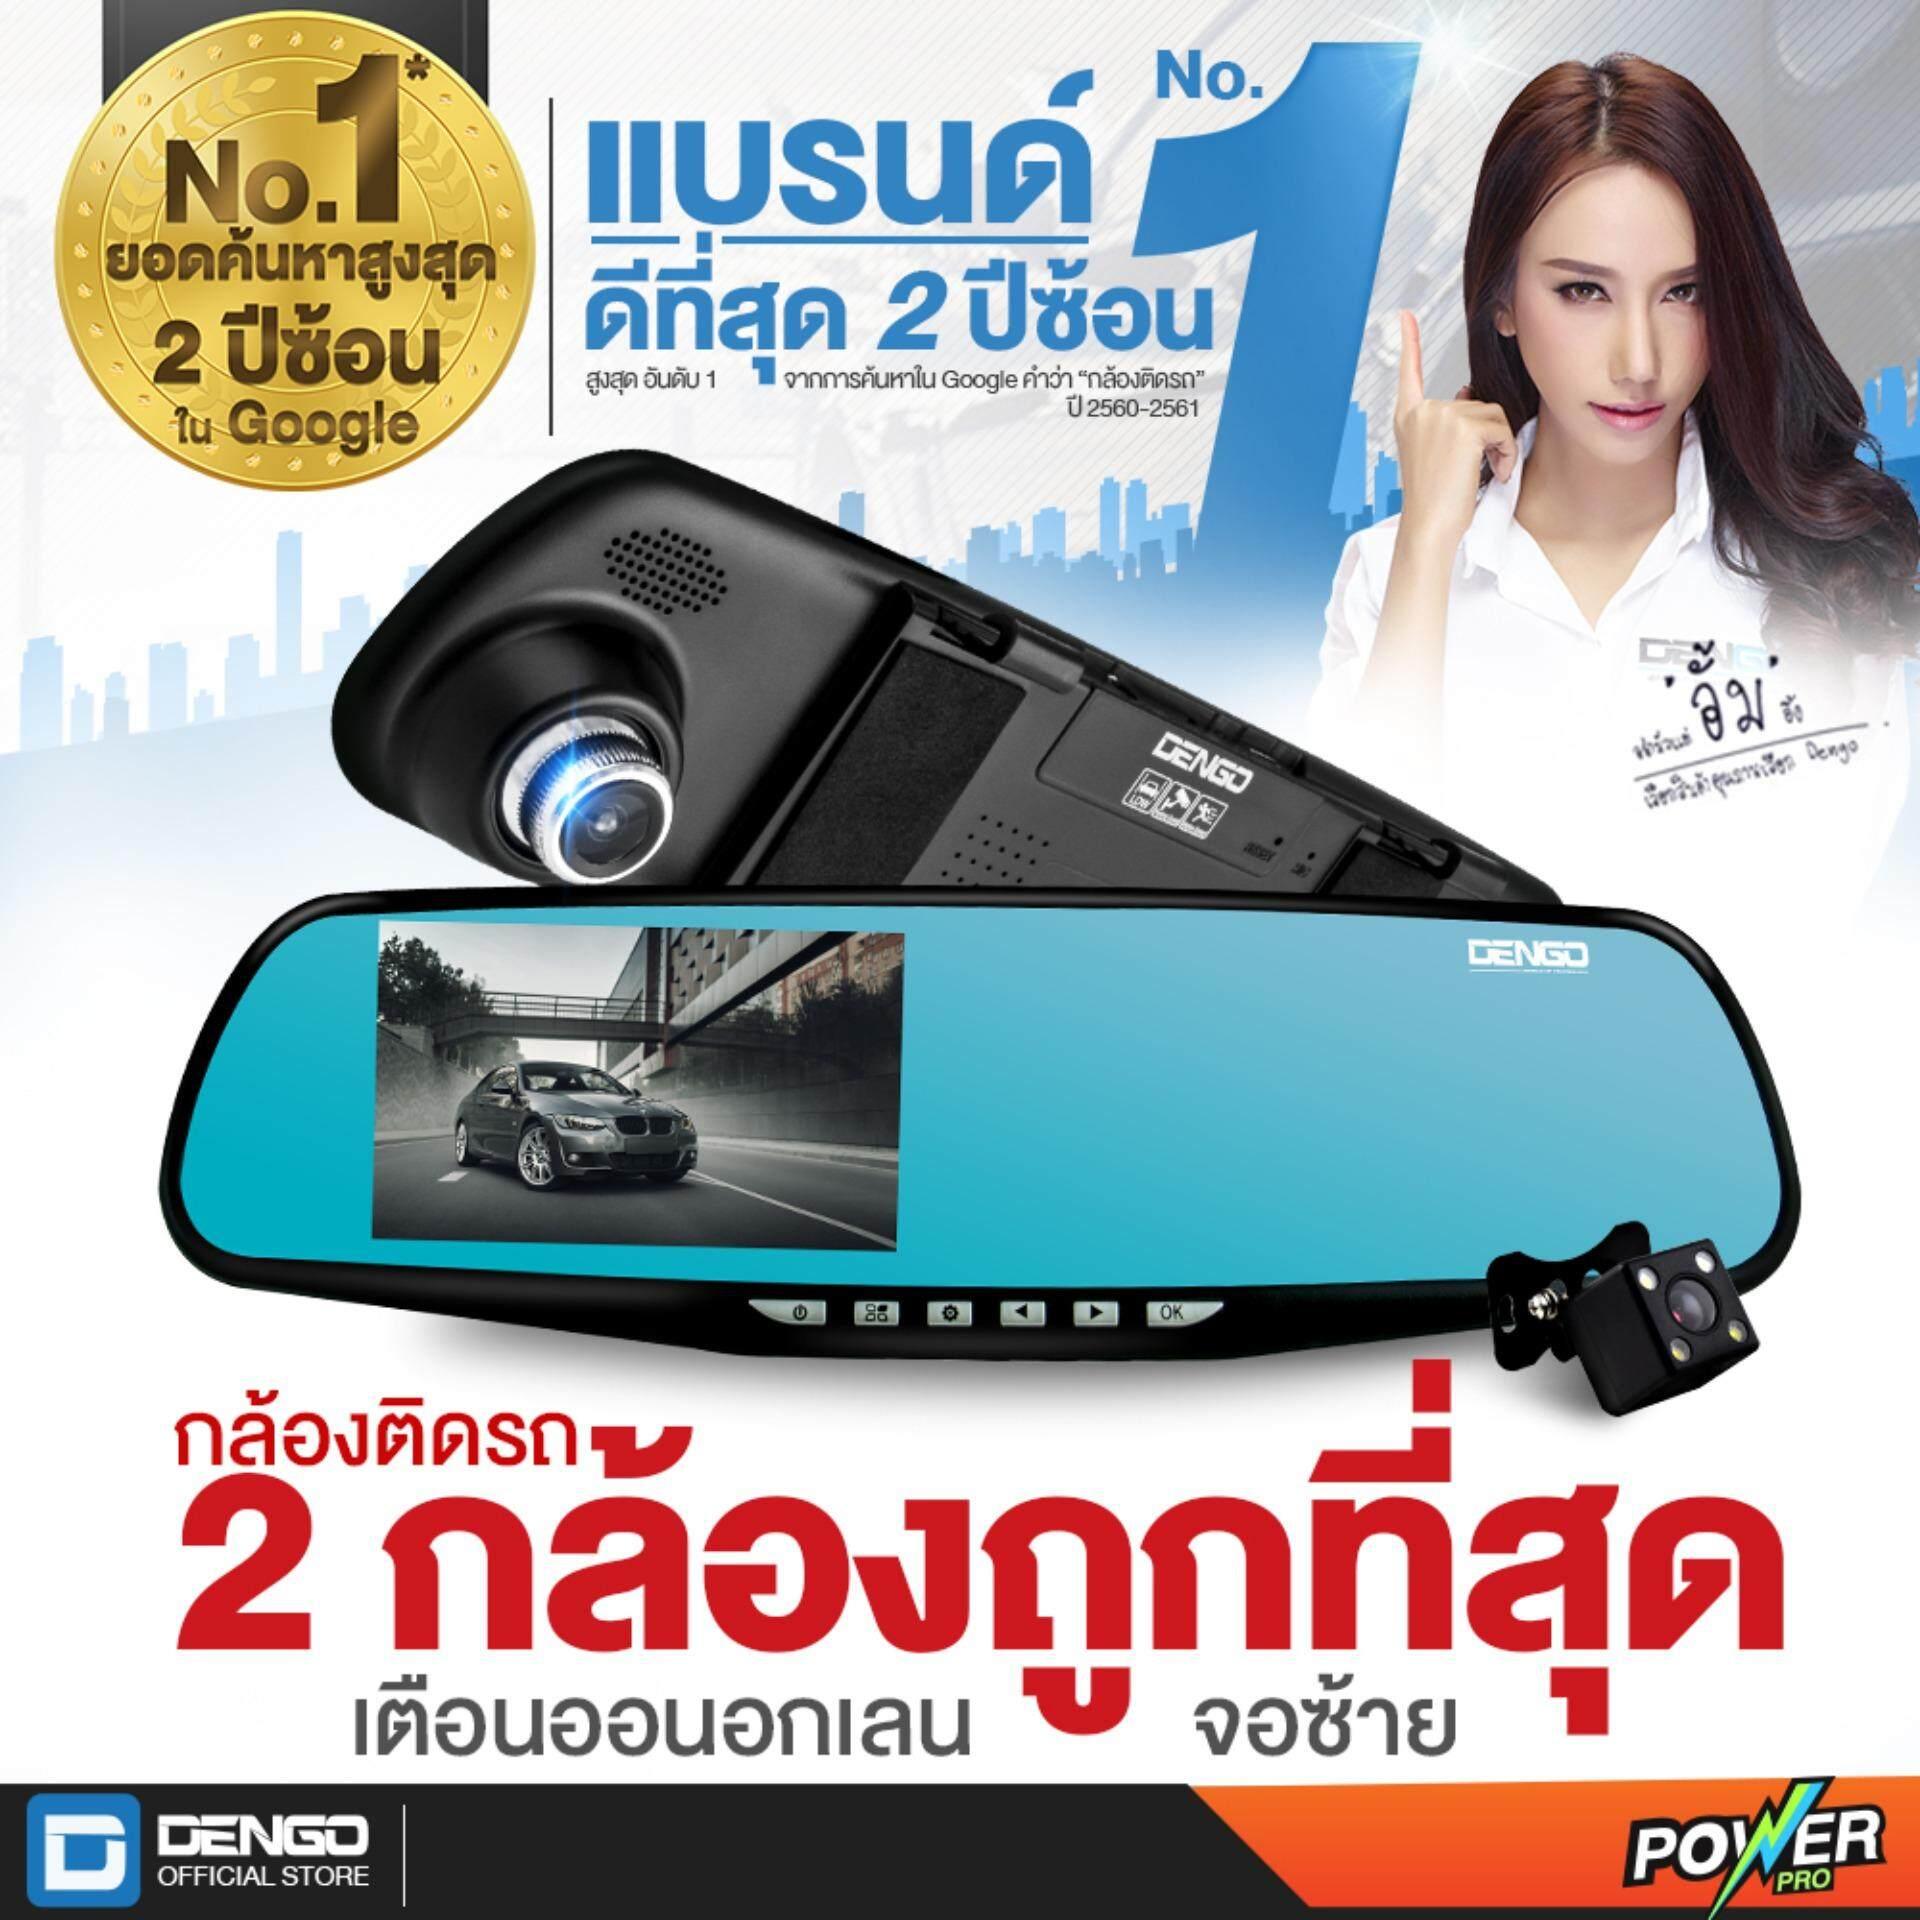 DENGO Power Pro (Black) ใหม่! สุดยอดกล้องติดรถ 2 กล้องเพื่อความปลอดภัย เจ้าแรกและเจ้าเดียวที่ออกแบบมาเพื่อคนไทยโดยเฉพาะ เตือนออกนอกเลน + เตือนการรัดเข็มขัดนิรภัย จอภาพซ้าย เลนกล้องด้านขวา นวัตกรรมใหม่แห่งปี 2018